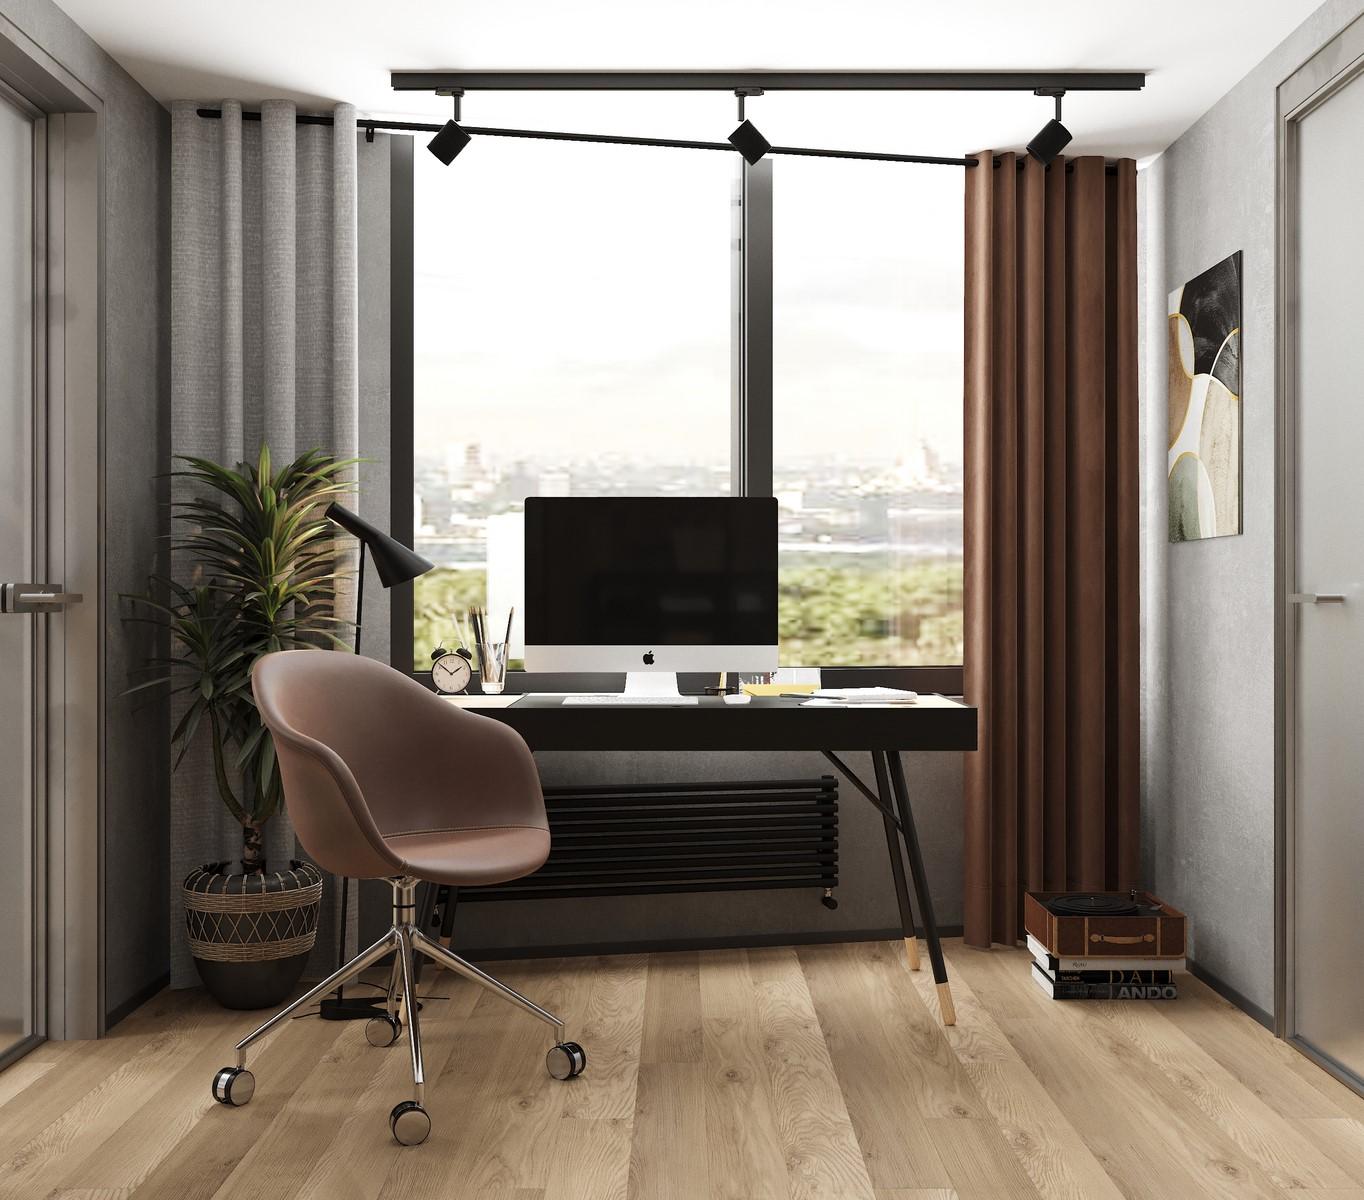 Дизайн квартиры с атрибутами стиля Лофт в  ЖК Счастье на Пресне | Дизайн-студия GM-INTERIOR